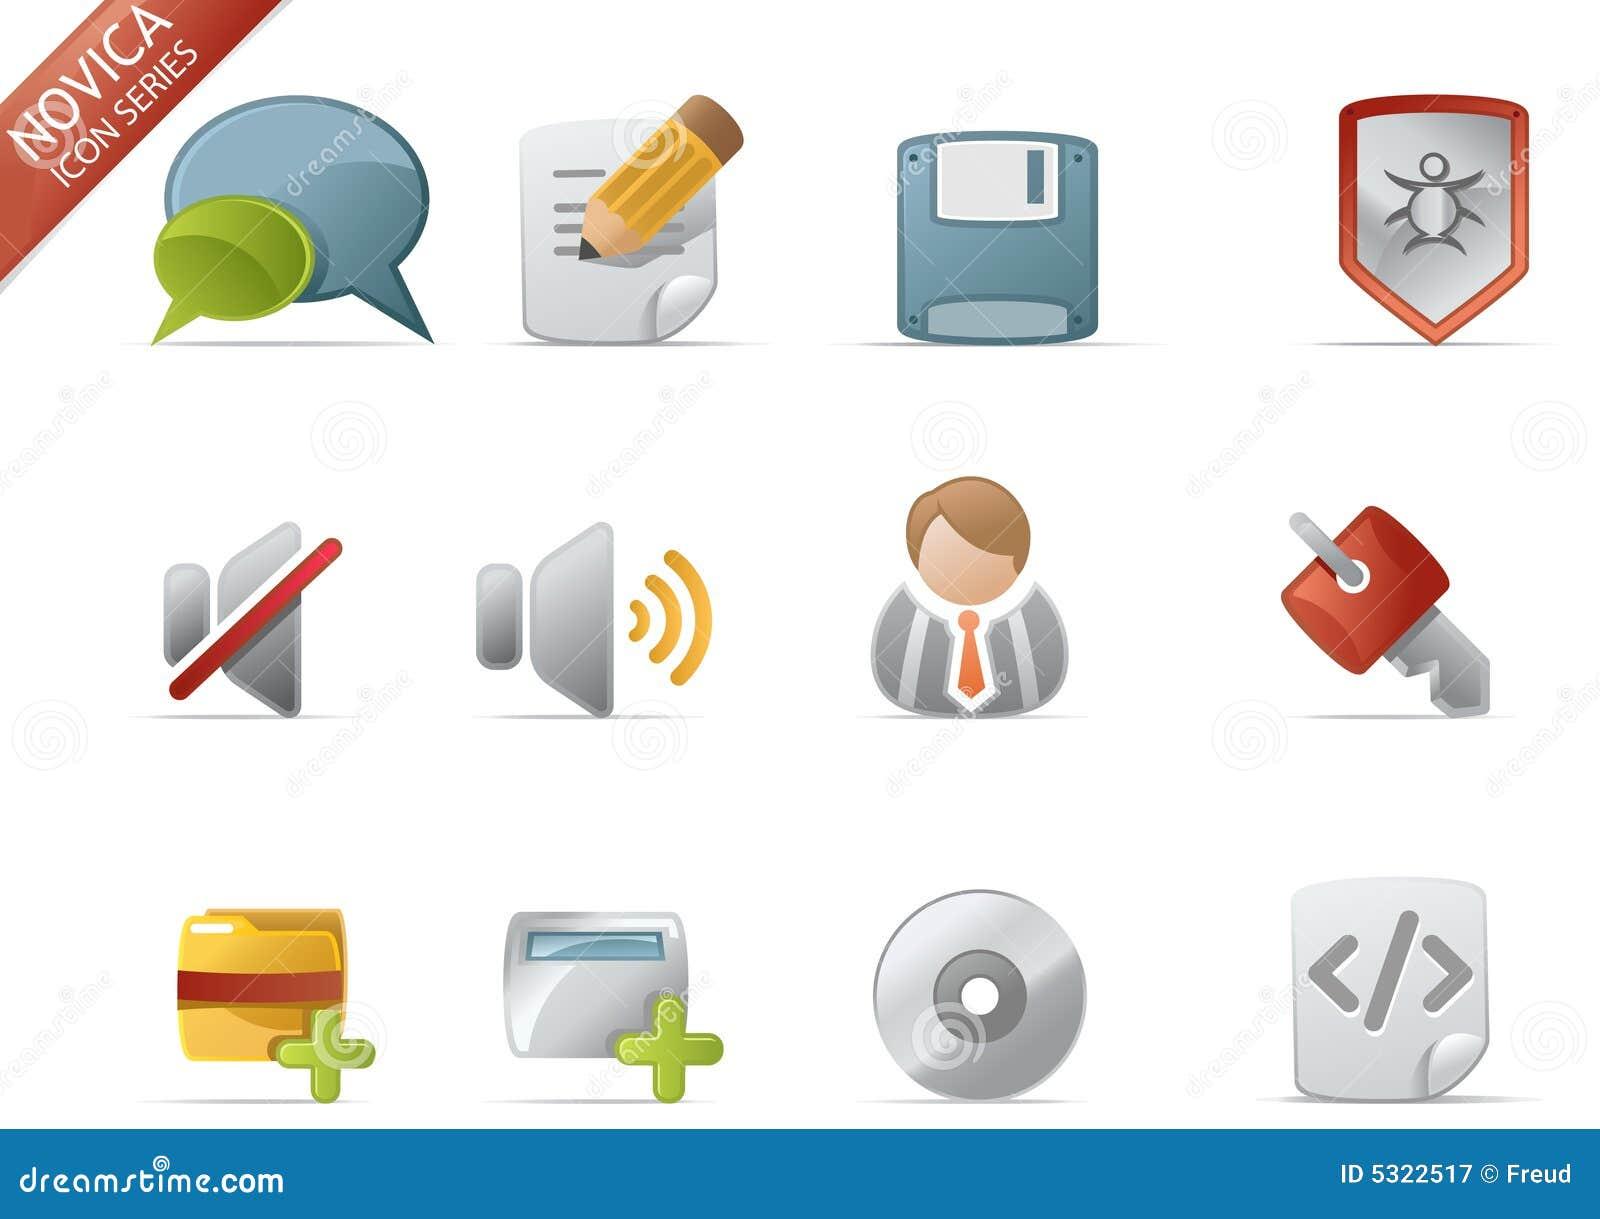 Iconos del Web - serie #4 de Novica